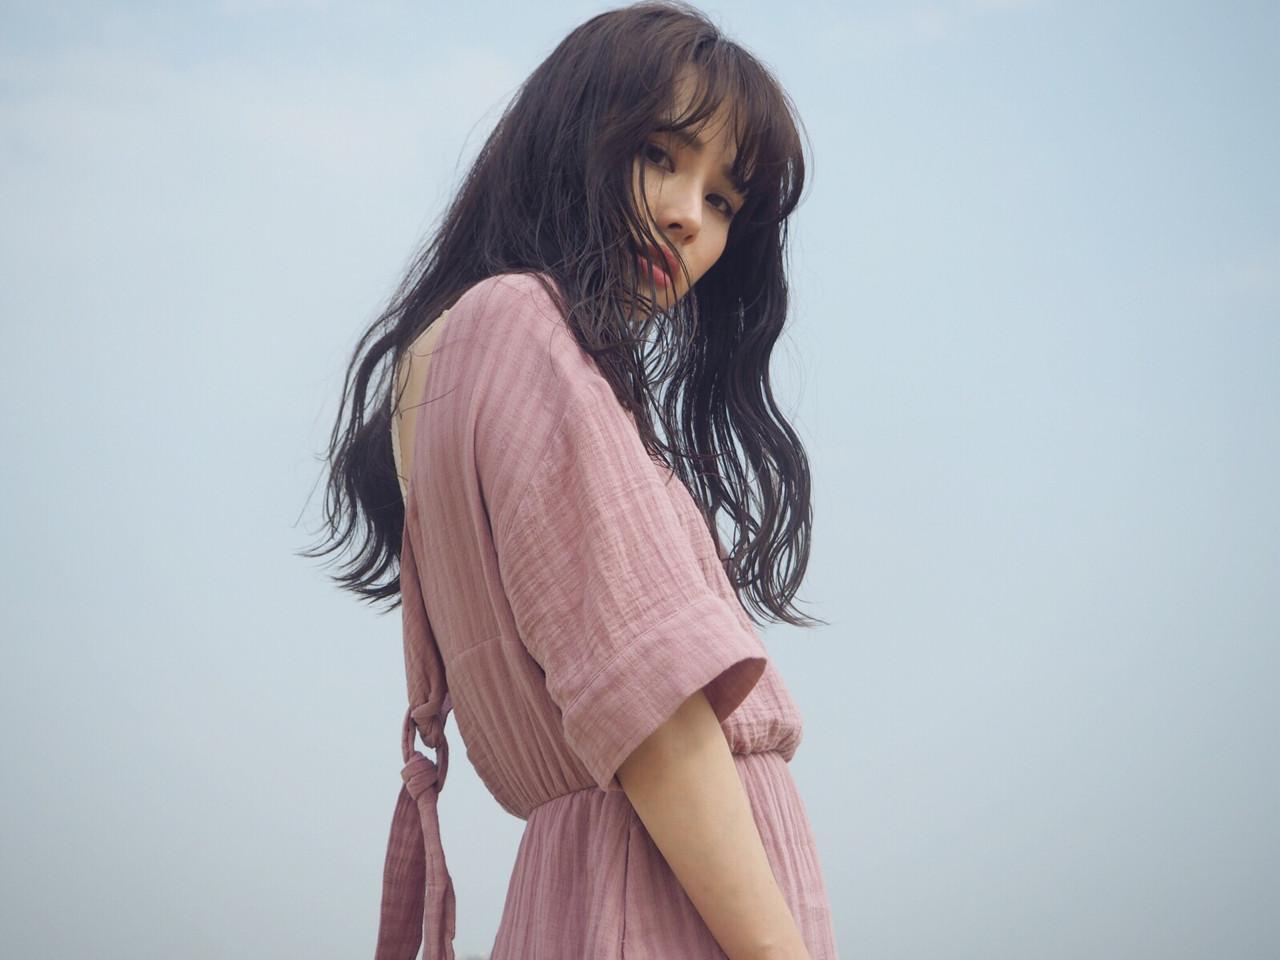 ロング デート ウェットヘア 小顔 ヘアスタイルや髪型の写真・画像 | 桃子 / SKbeauty&essex